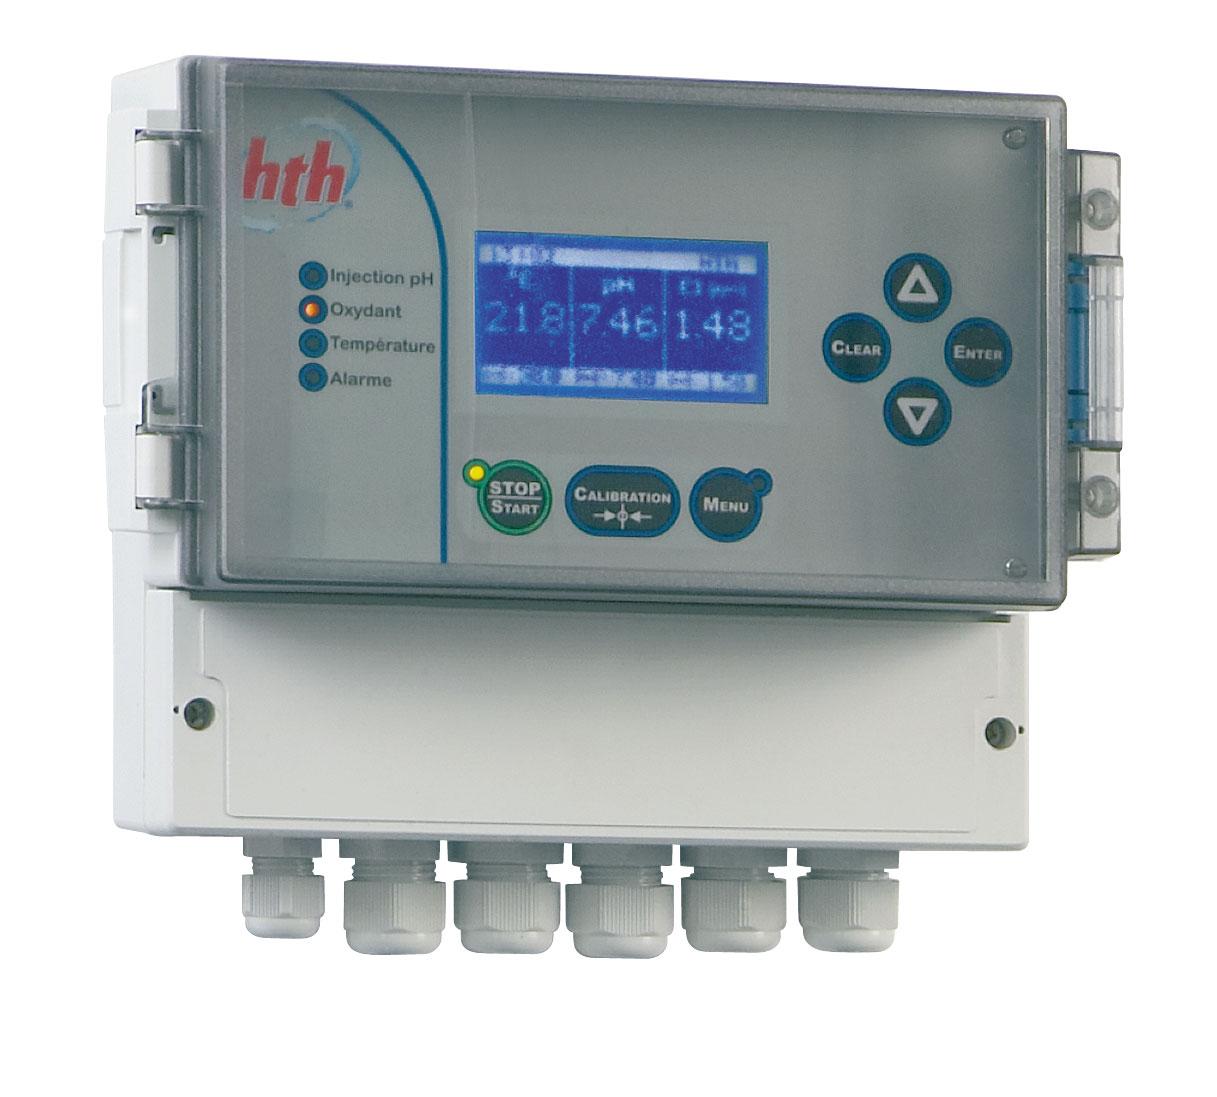 régulation ampérométrique hth